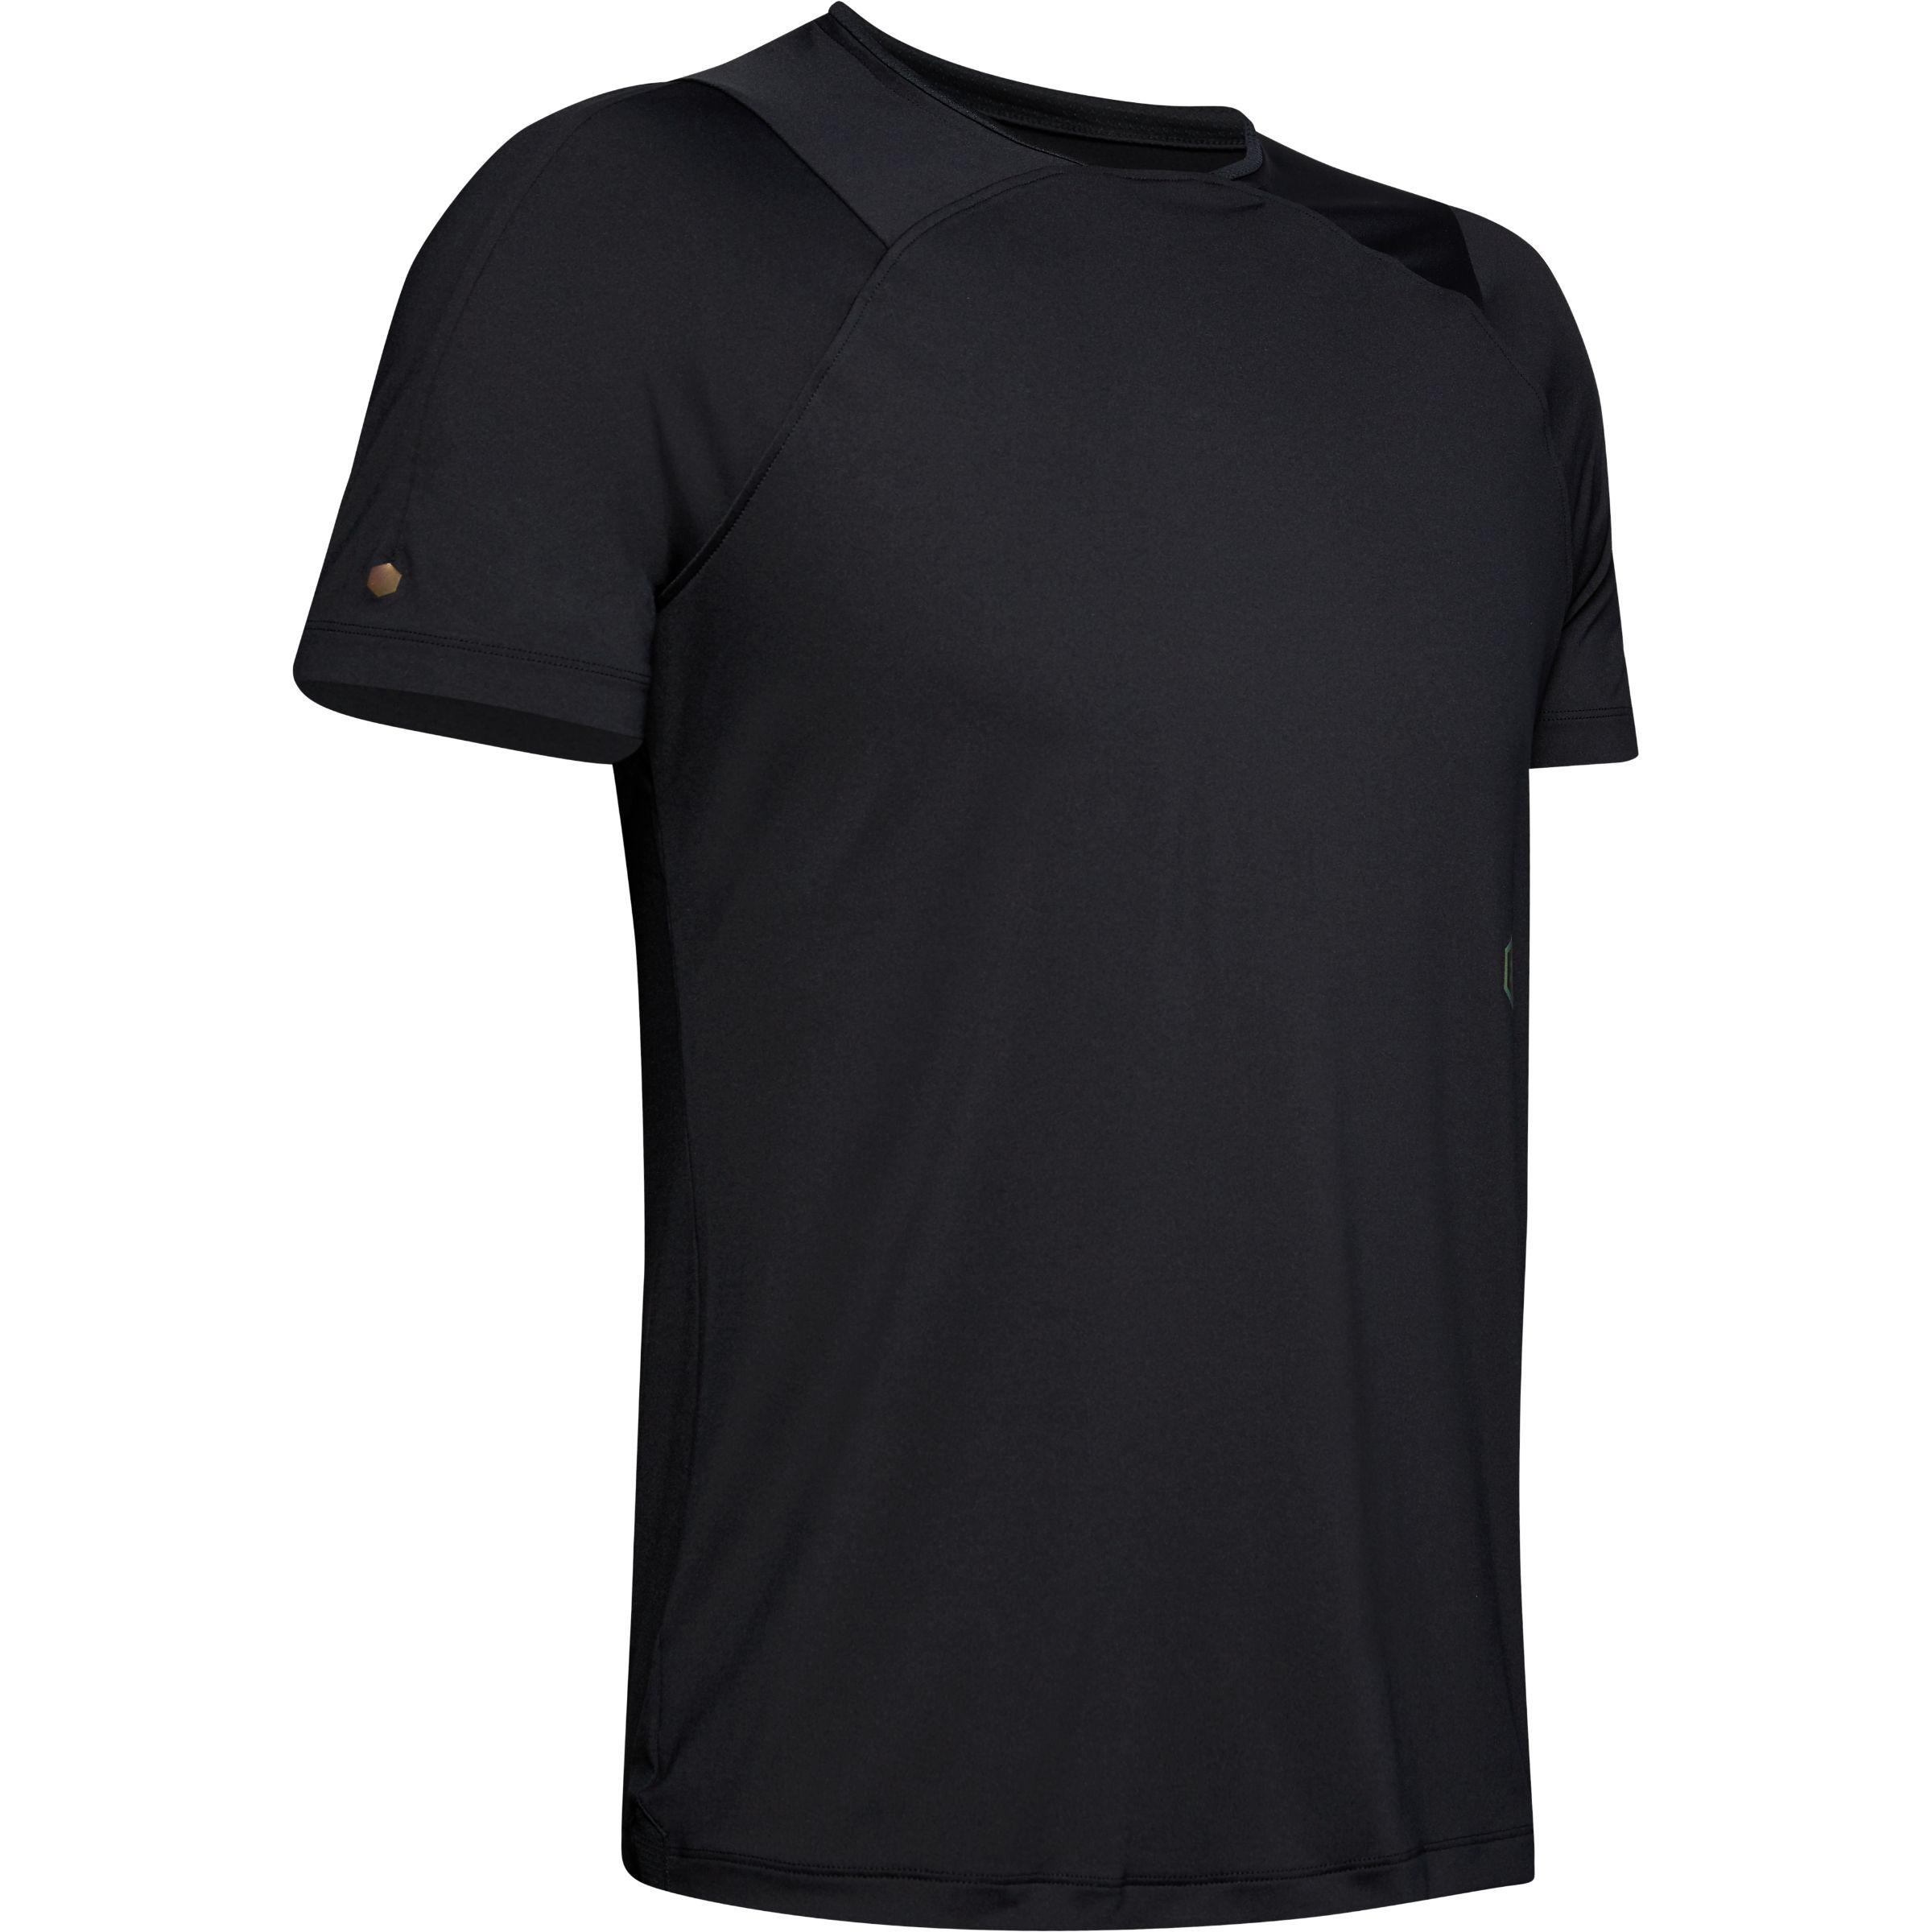 Camiseta de Tirantes para Hombre Under Armour Define The Run